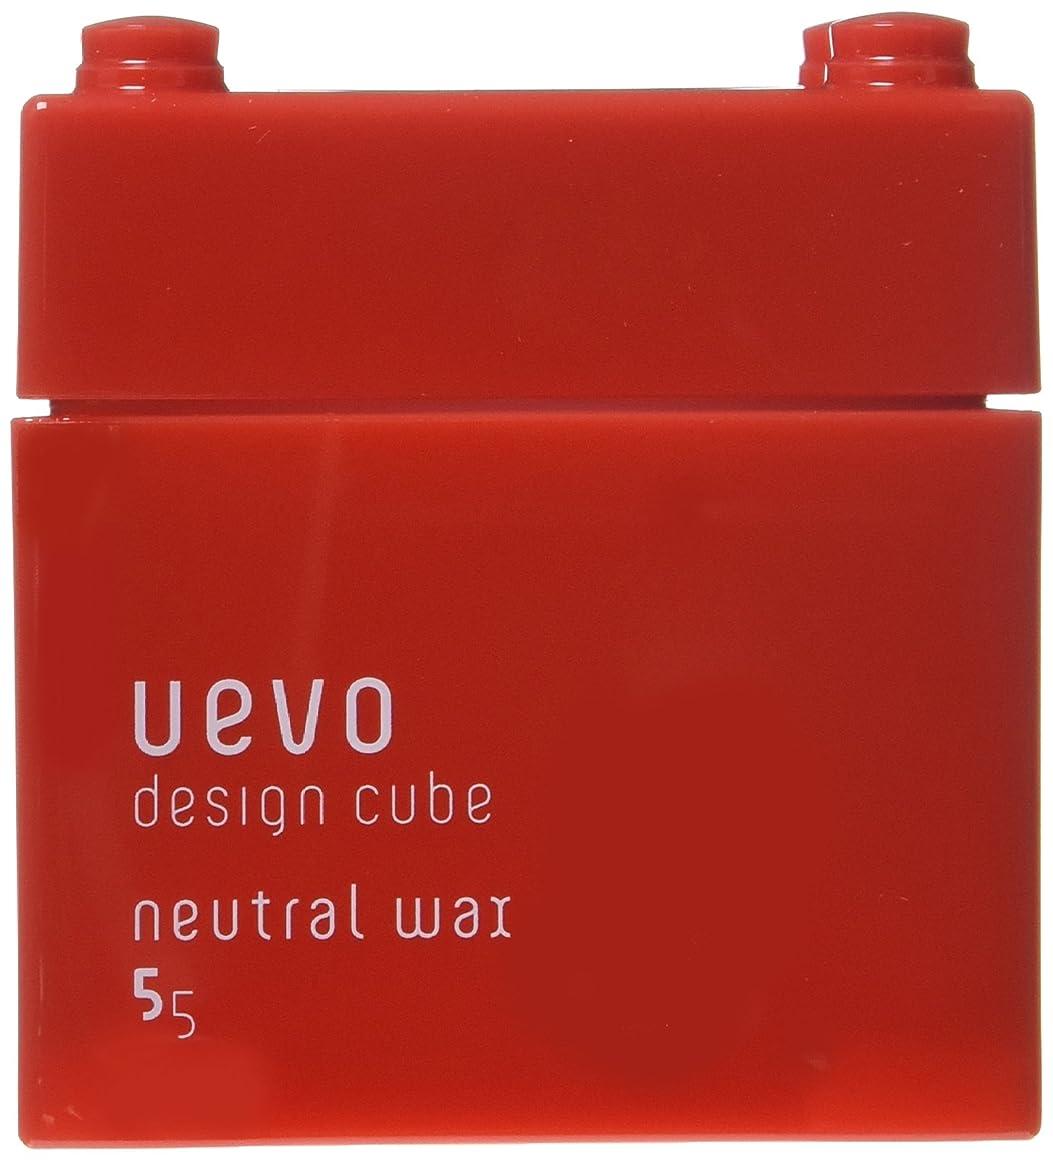 マティスプレート開始ウェーボ デザインキューブ ニュートラルワックス 80g